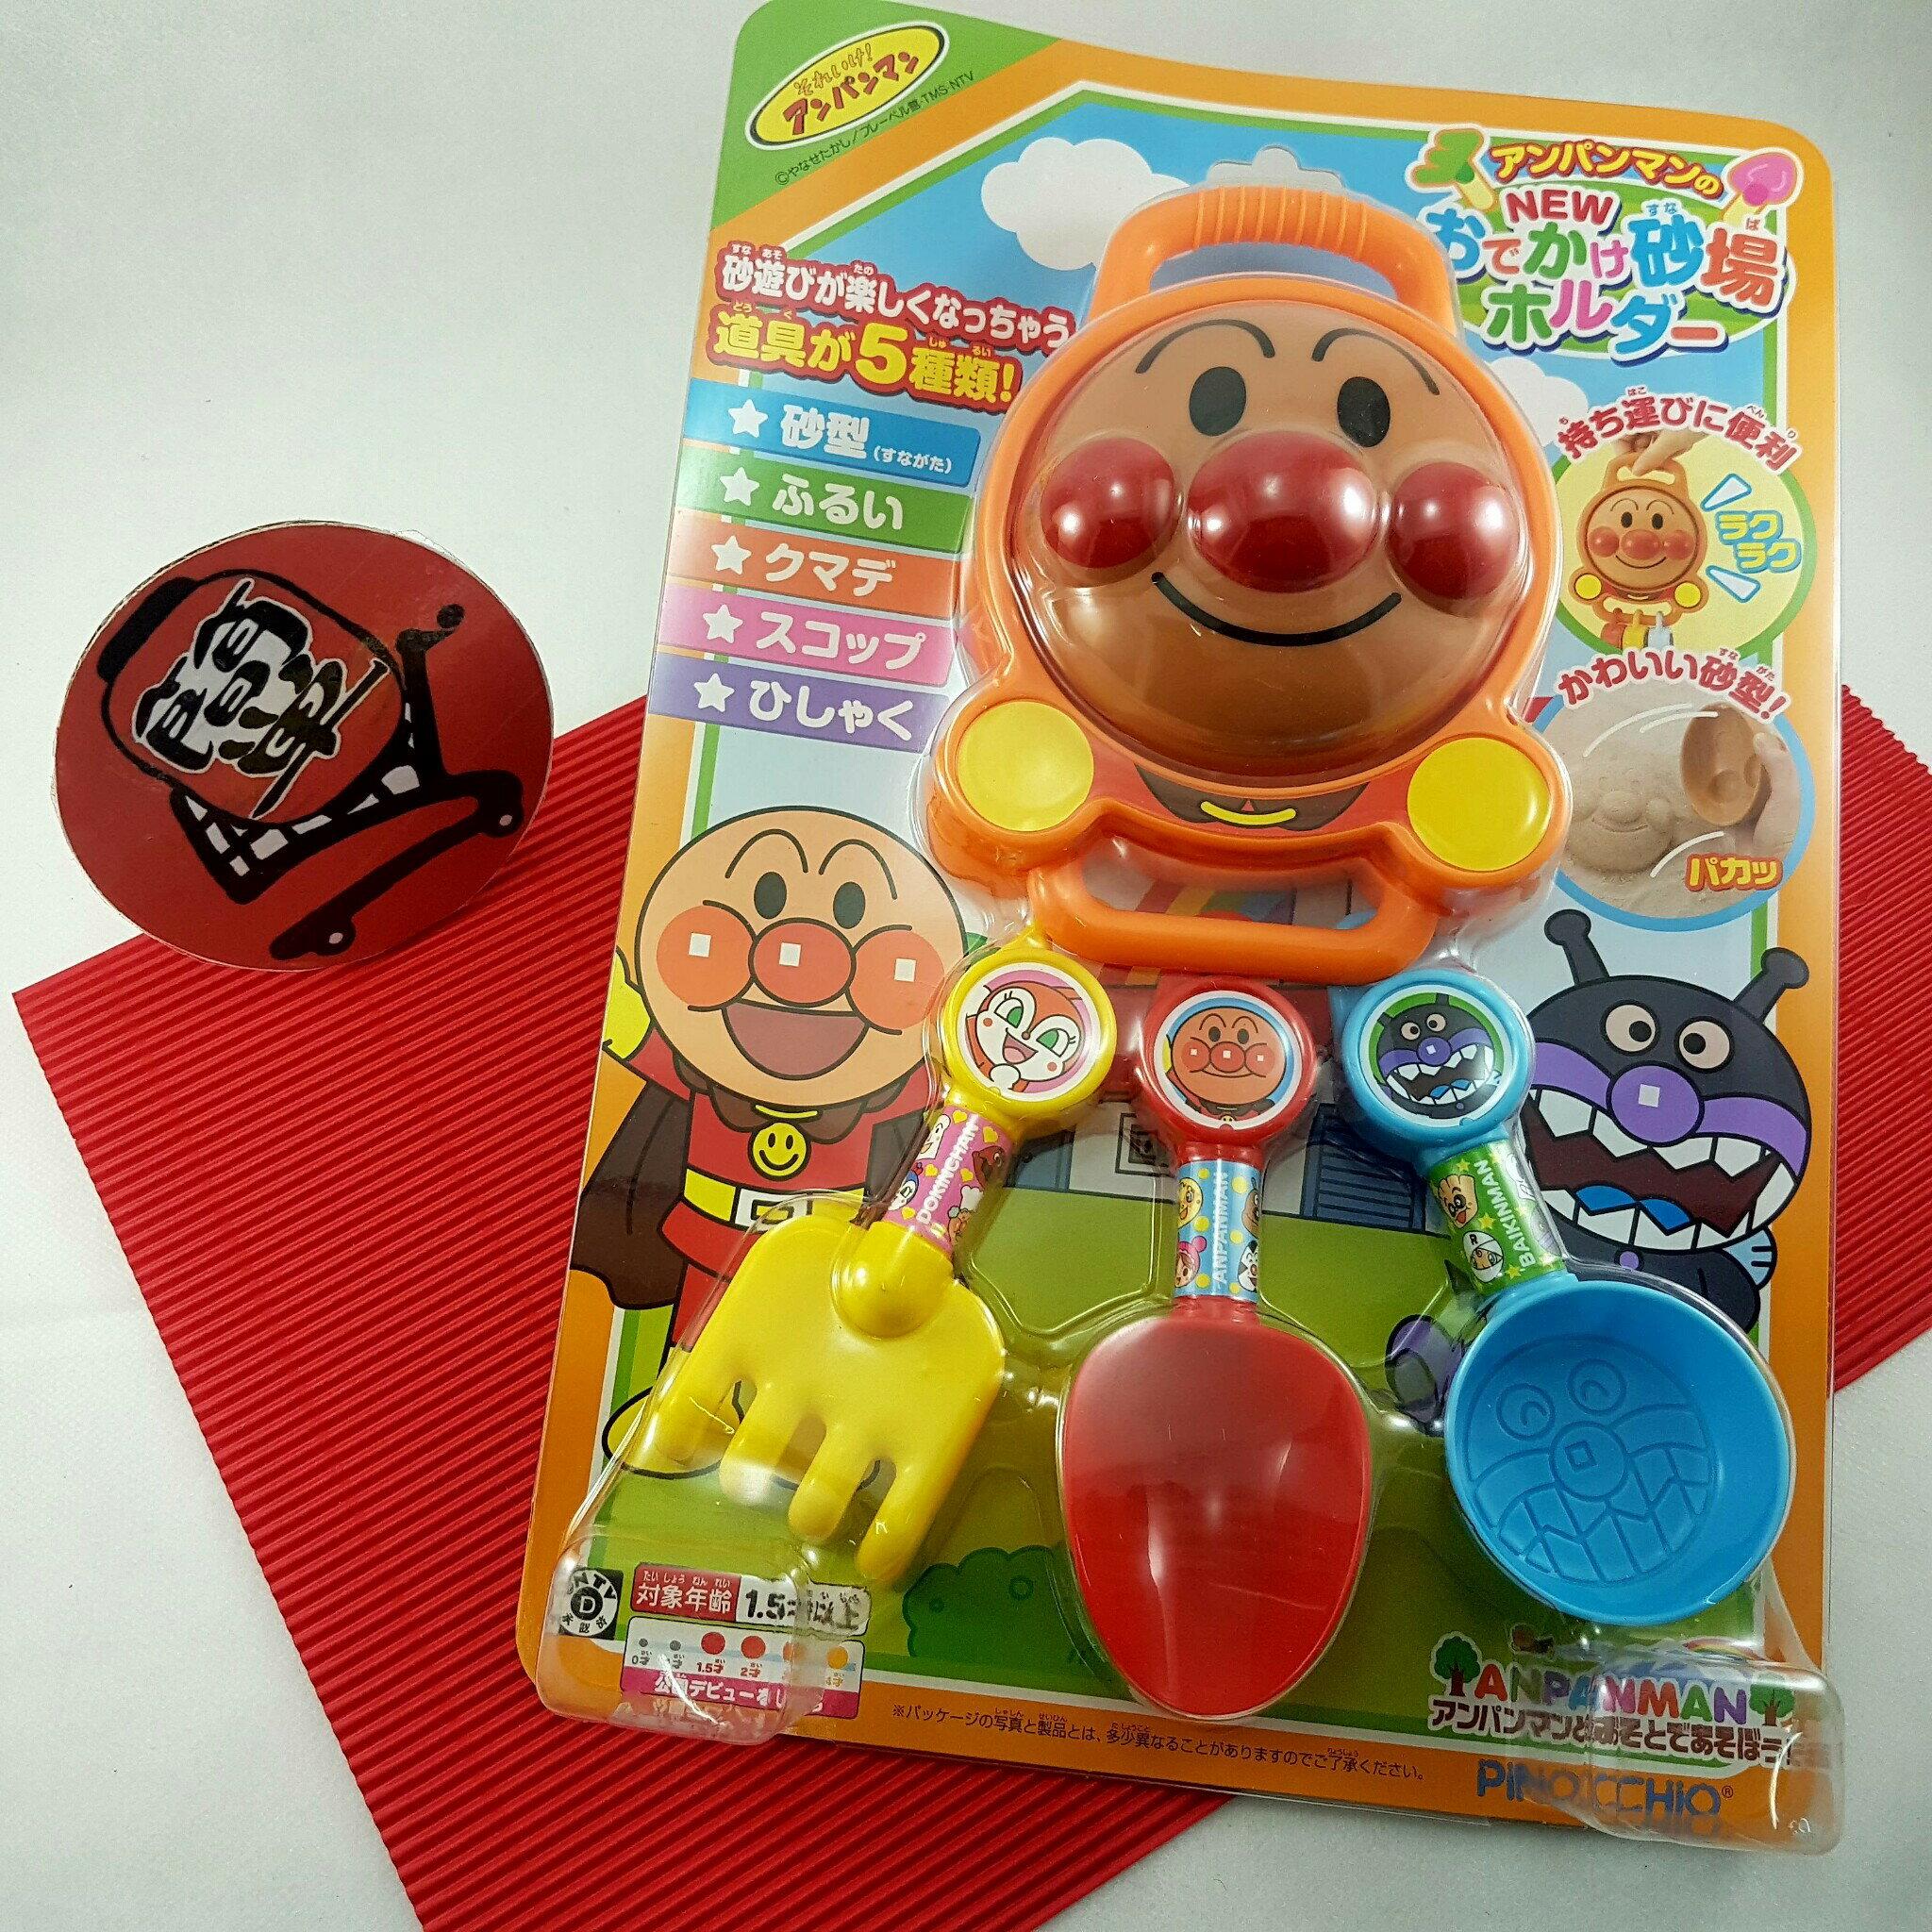 『簡単全球購』麵包超人五合一 沙灘玩具  寶寶玩沙工具組